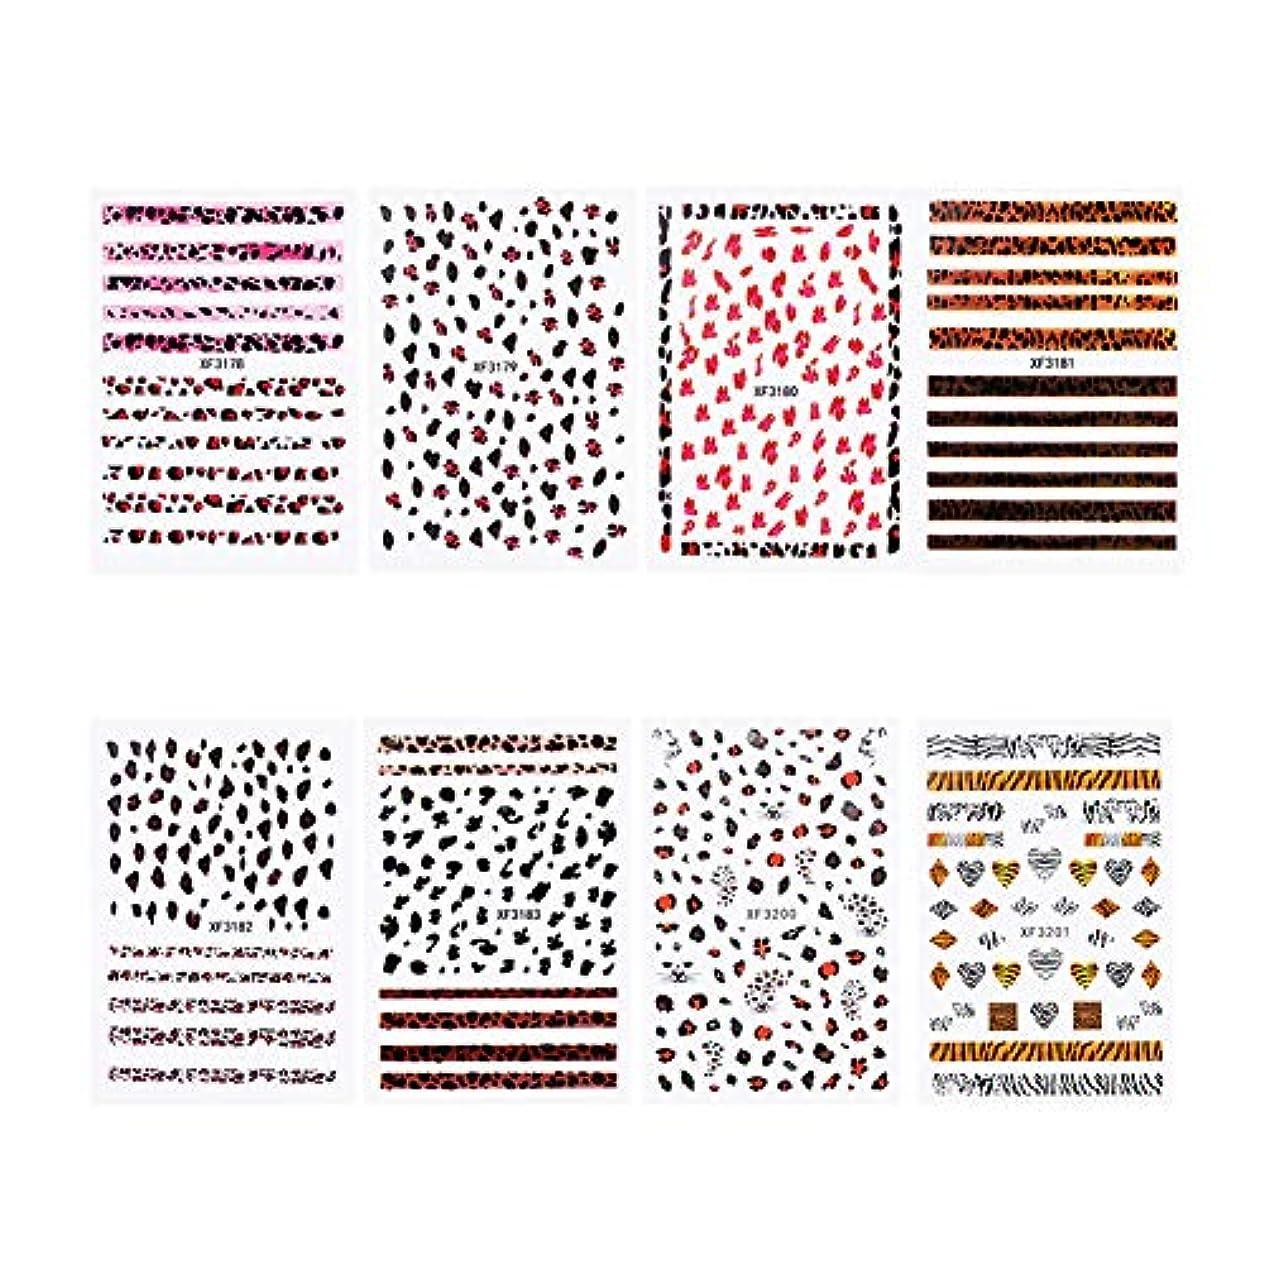 スティーブンソン急速なこだわりLeopardのネイルステッカーネイルステッカー8人の女性や少女ネイルネイルDIY装飾アクセサリーステッカー